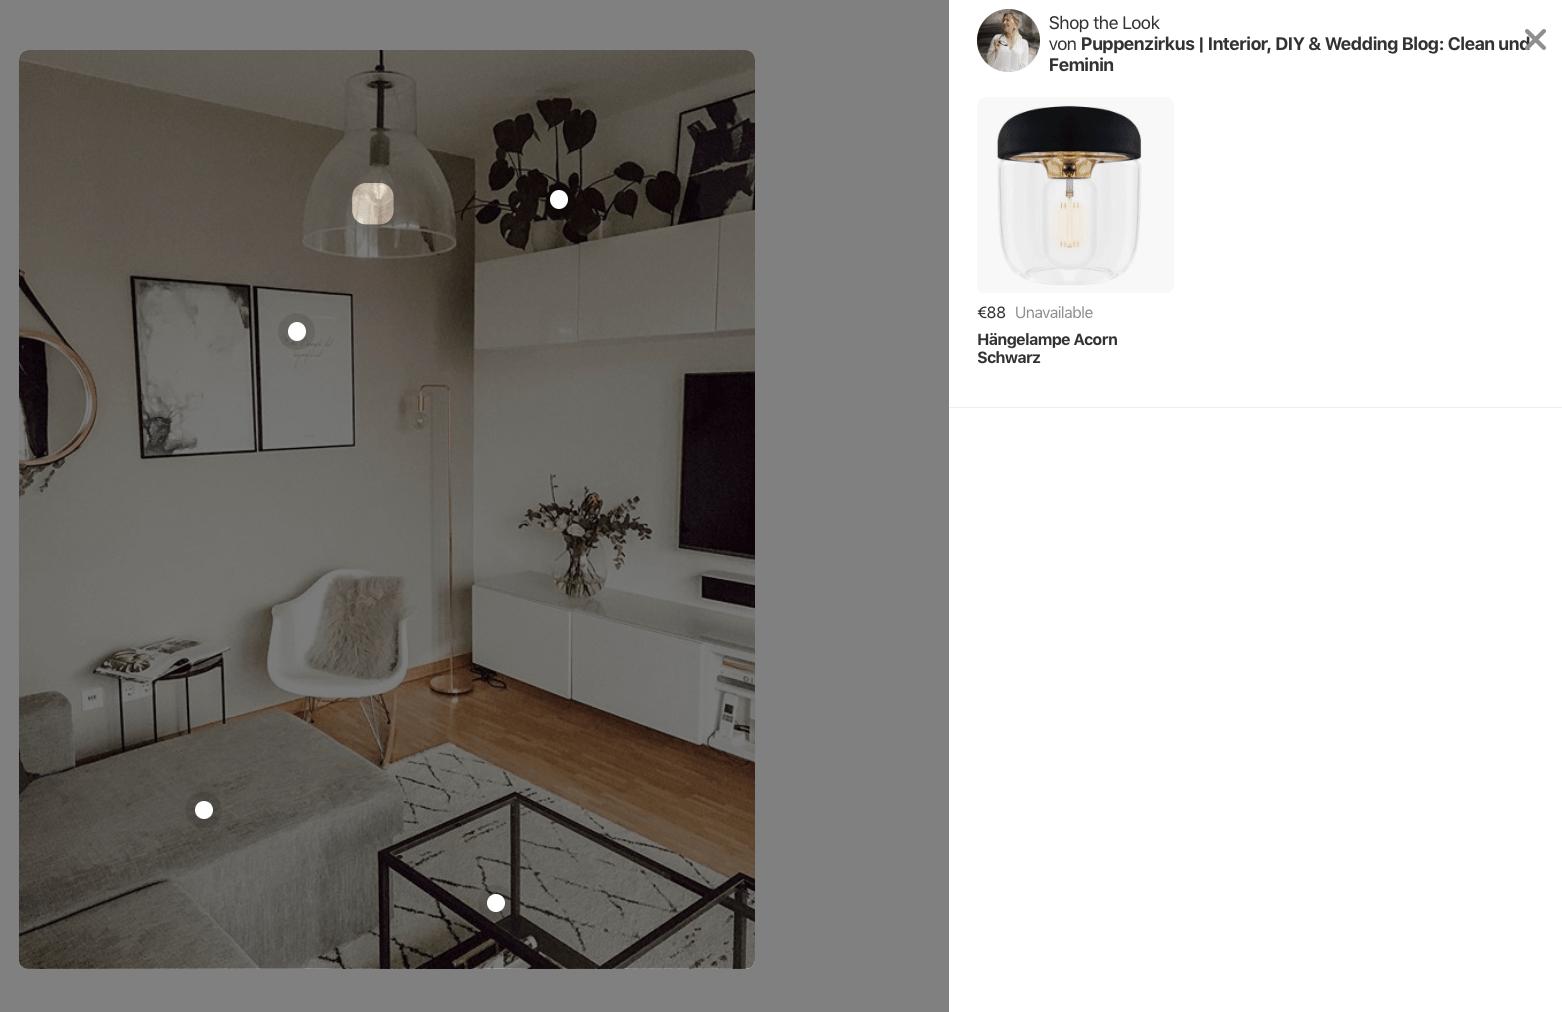 Links auf dem Bild seht ihr die markierten Produkte: Sofa, Lampe, Bilder und Pflanze. Auf der rechten Seite erscheint der verlinkte Artikel, wenn ihr auf die Markierung klickt.